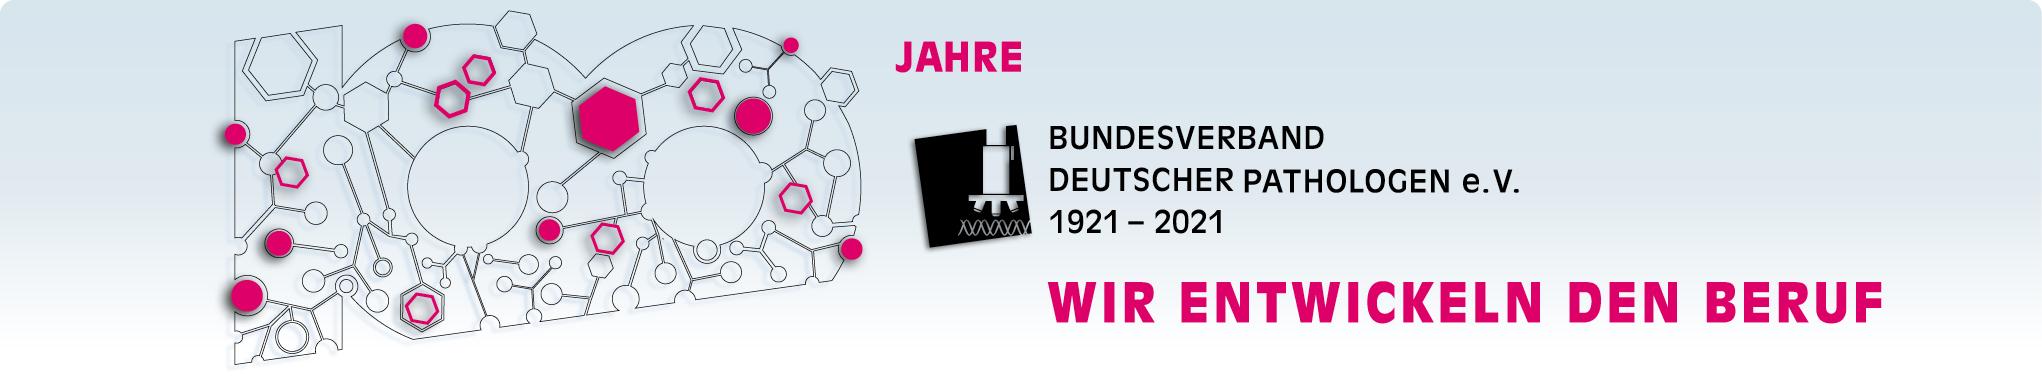 Bundesverband Deutscher Pathologen